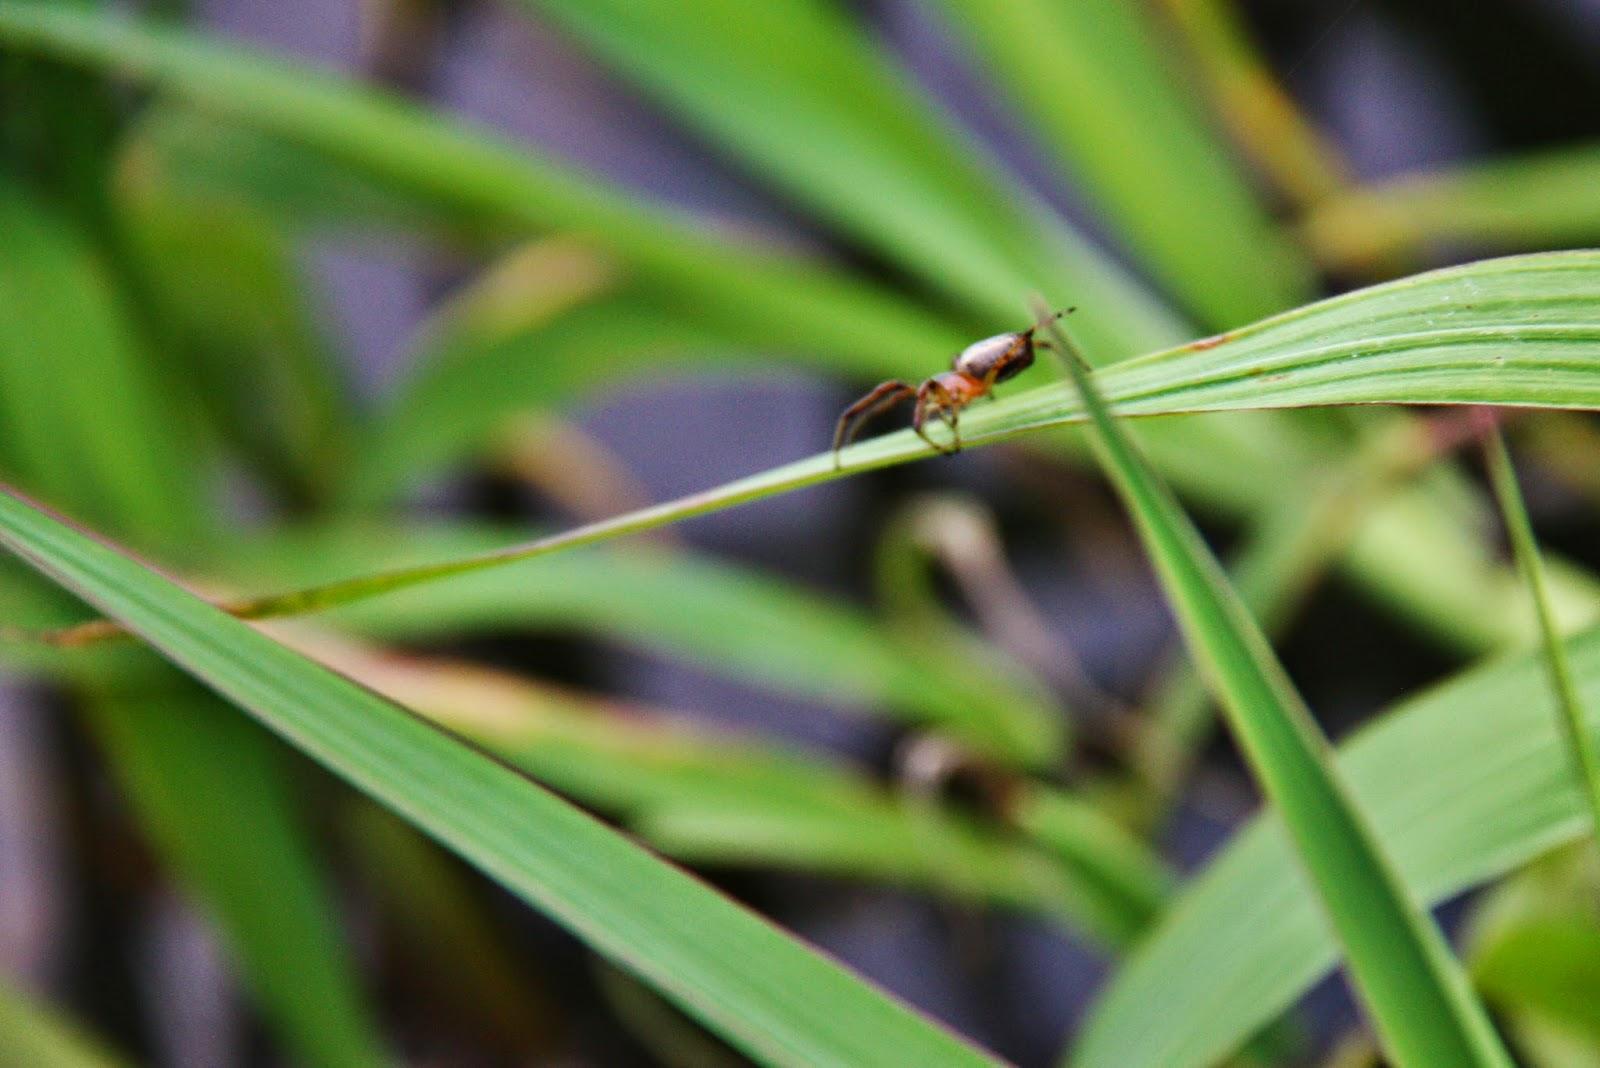 Uma formiga na selva amazônica